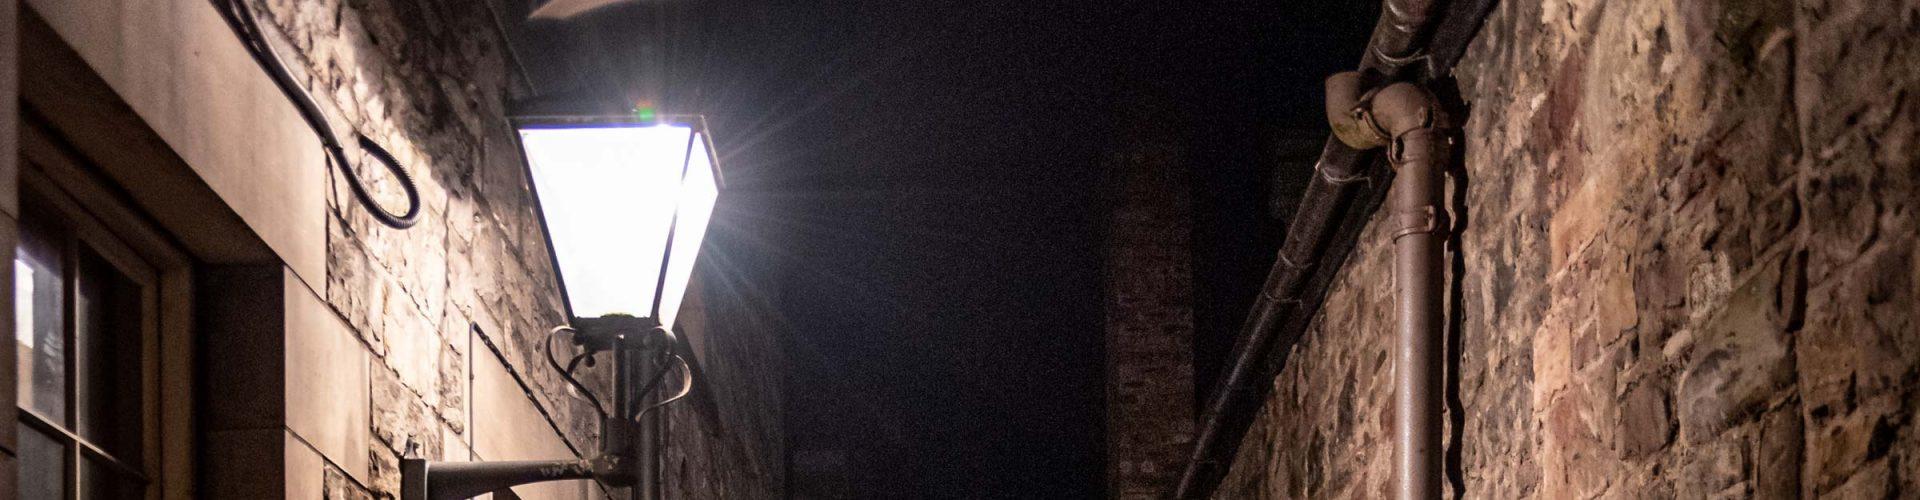 Dark alleyway in Edinburgh with lantern